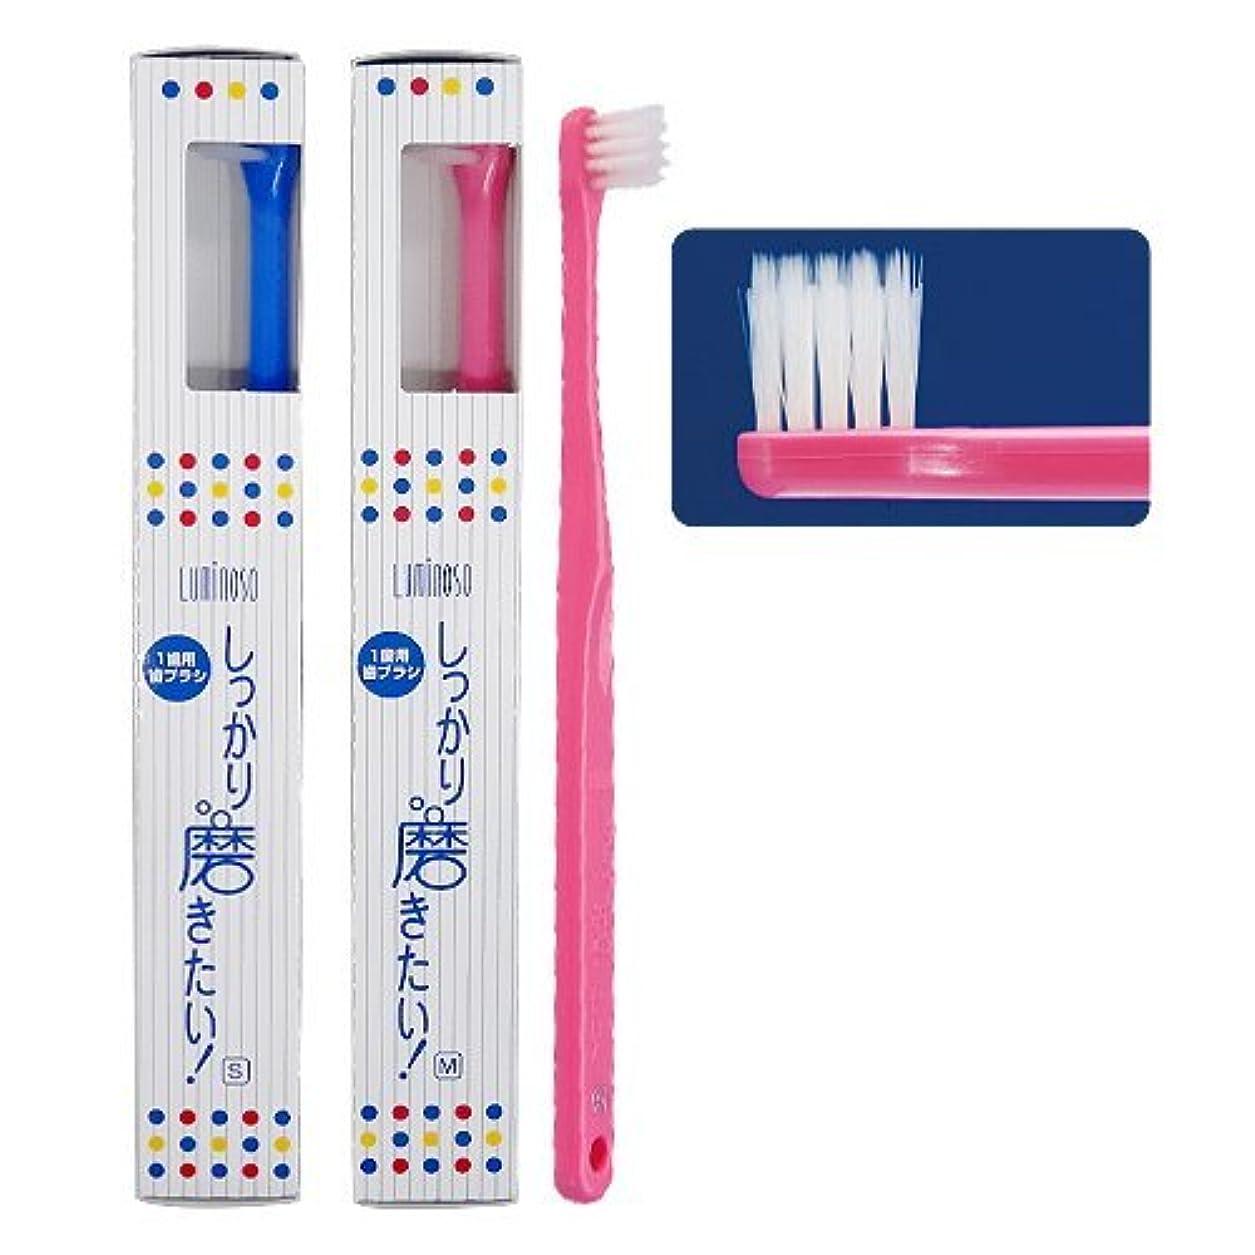 先祖ミトン開梱ルミノソ 1歯用歯ブラシ「しっかり磨きたい!」スタンダード ソフト (カラー指定不可) 3本